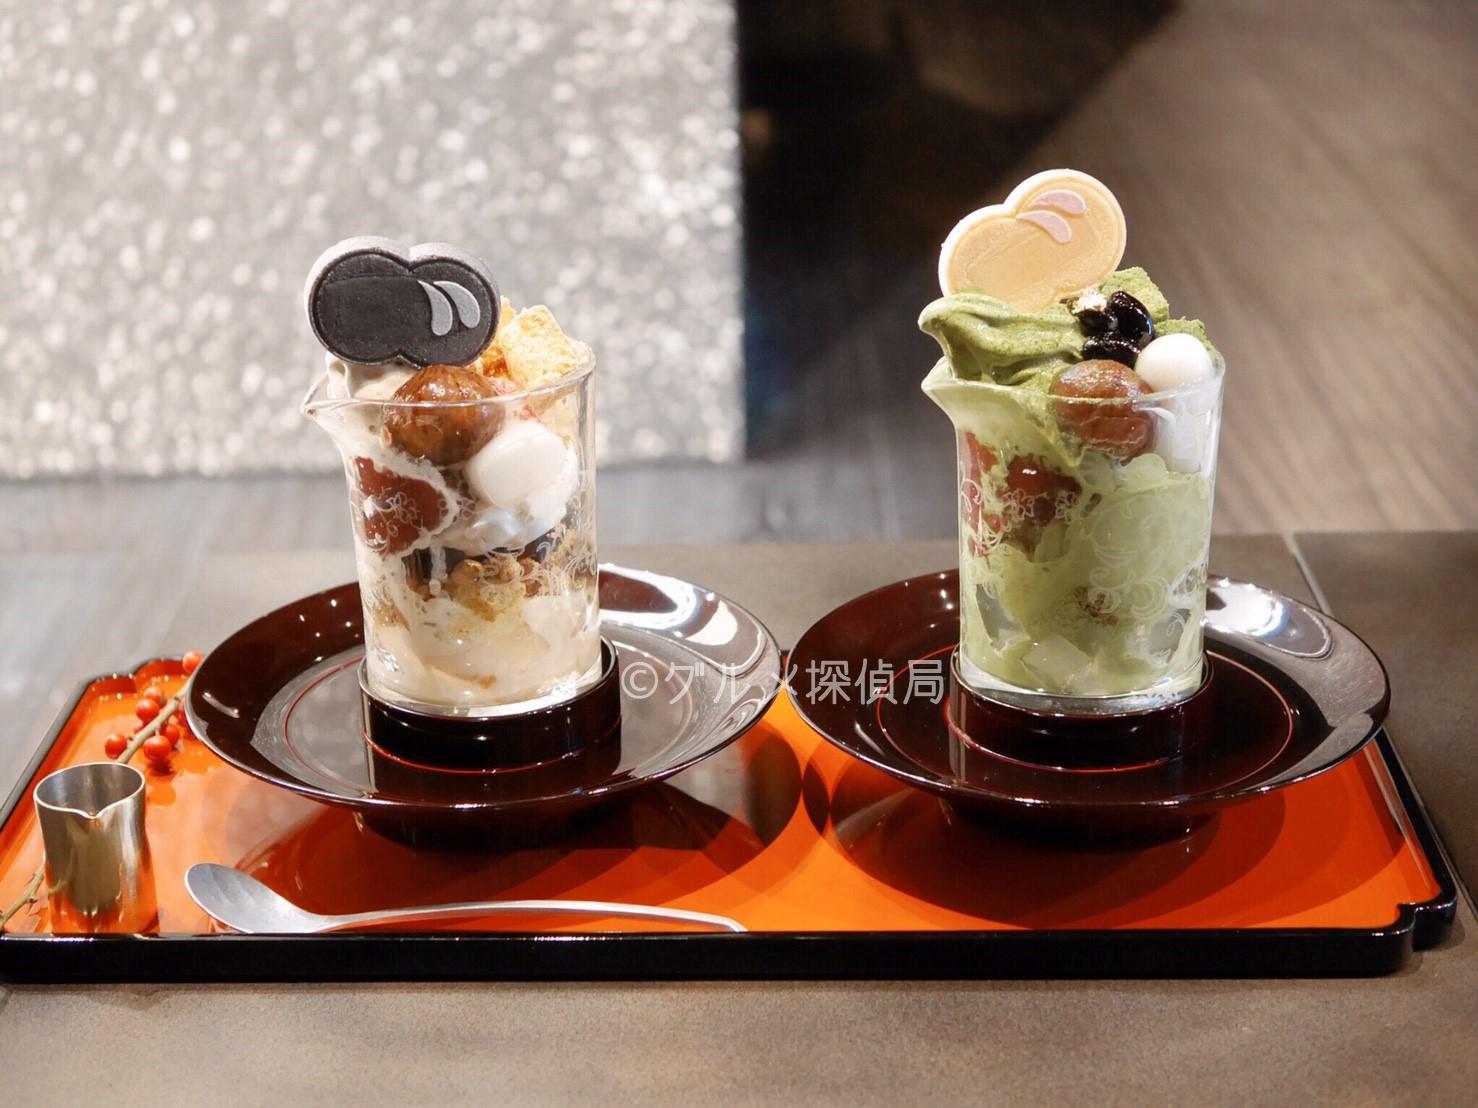 グルメ探偵局|上野フロンティアタワーに「廚otonaくろぎ」登場!パフェやくろぎサンドに限定ほろ酔いかき氷も!